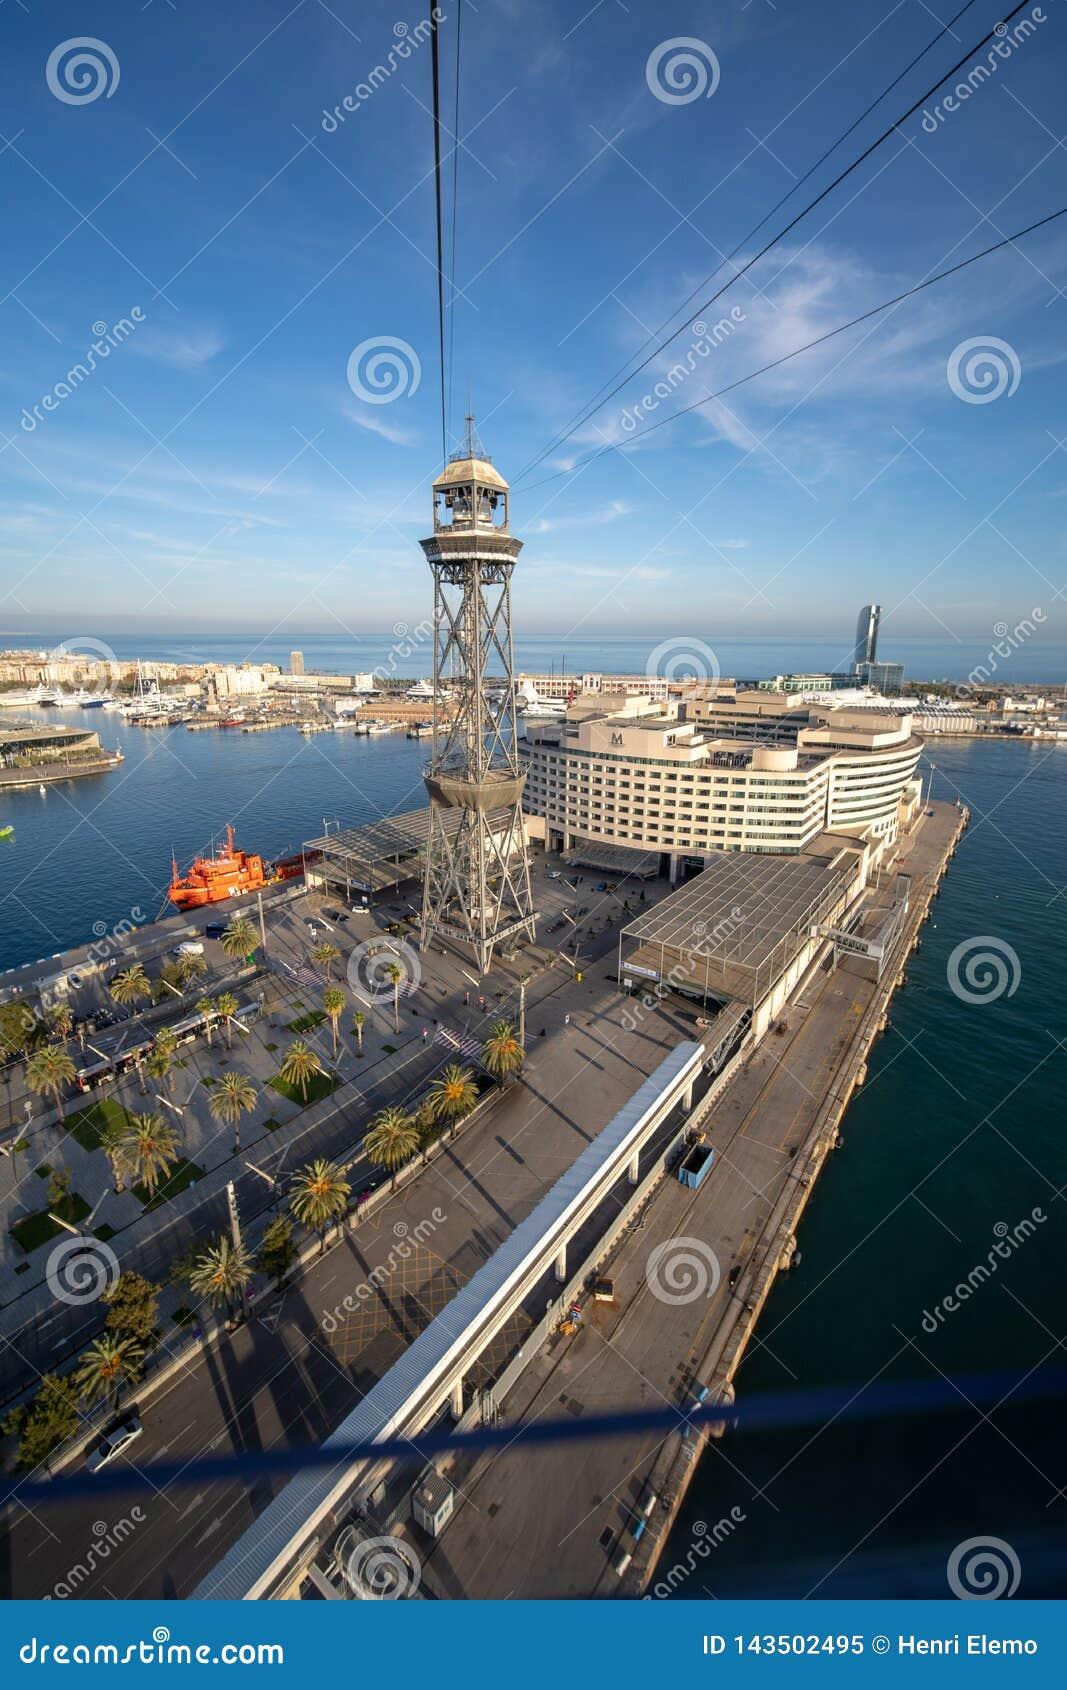 Barcelona, España - 4 de diciembre de 2019: Las torres del teleférico en Barcelona capturaron del teleférico en la igualación de